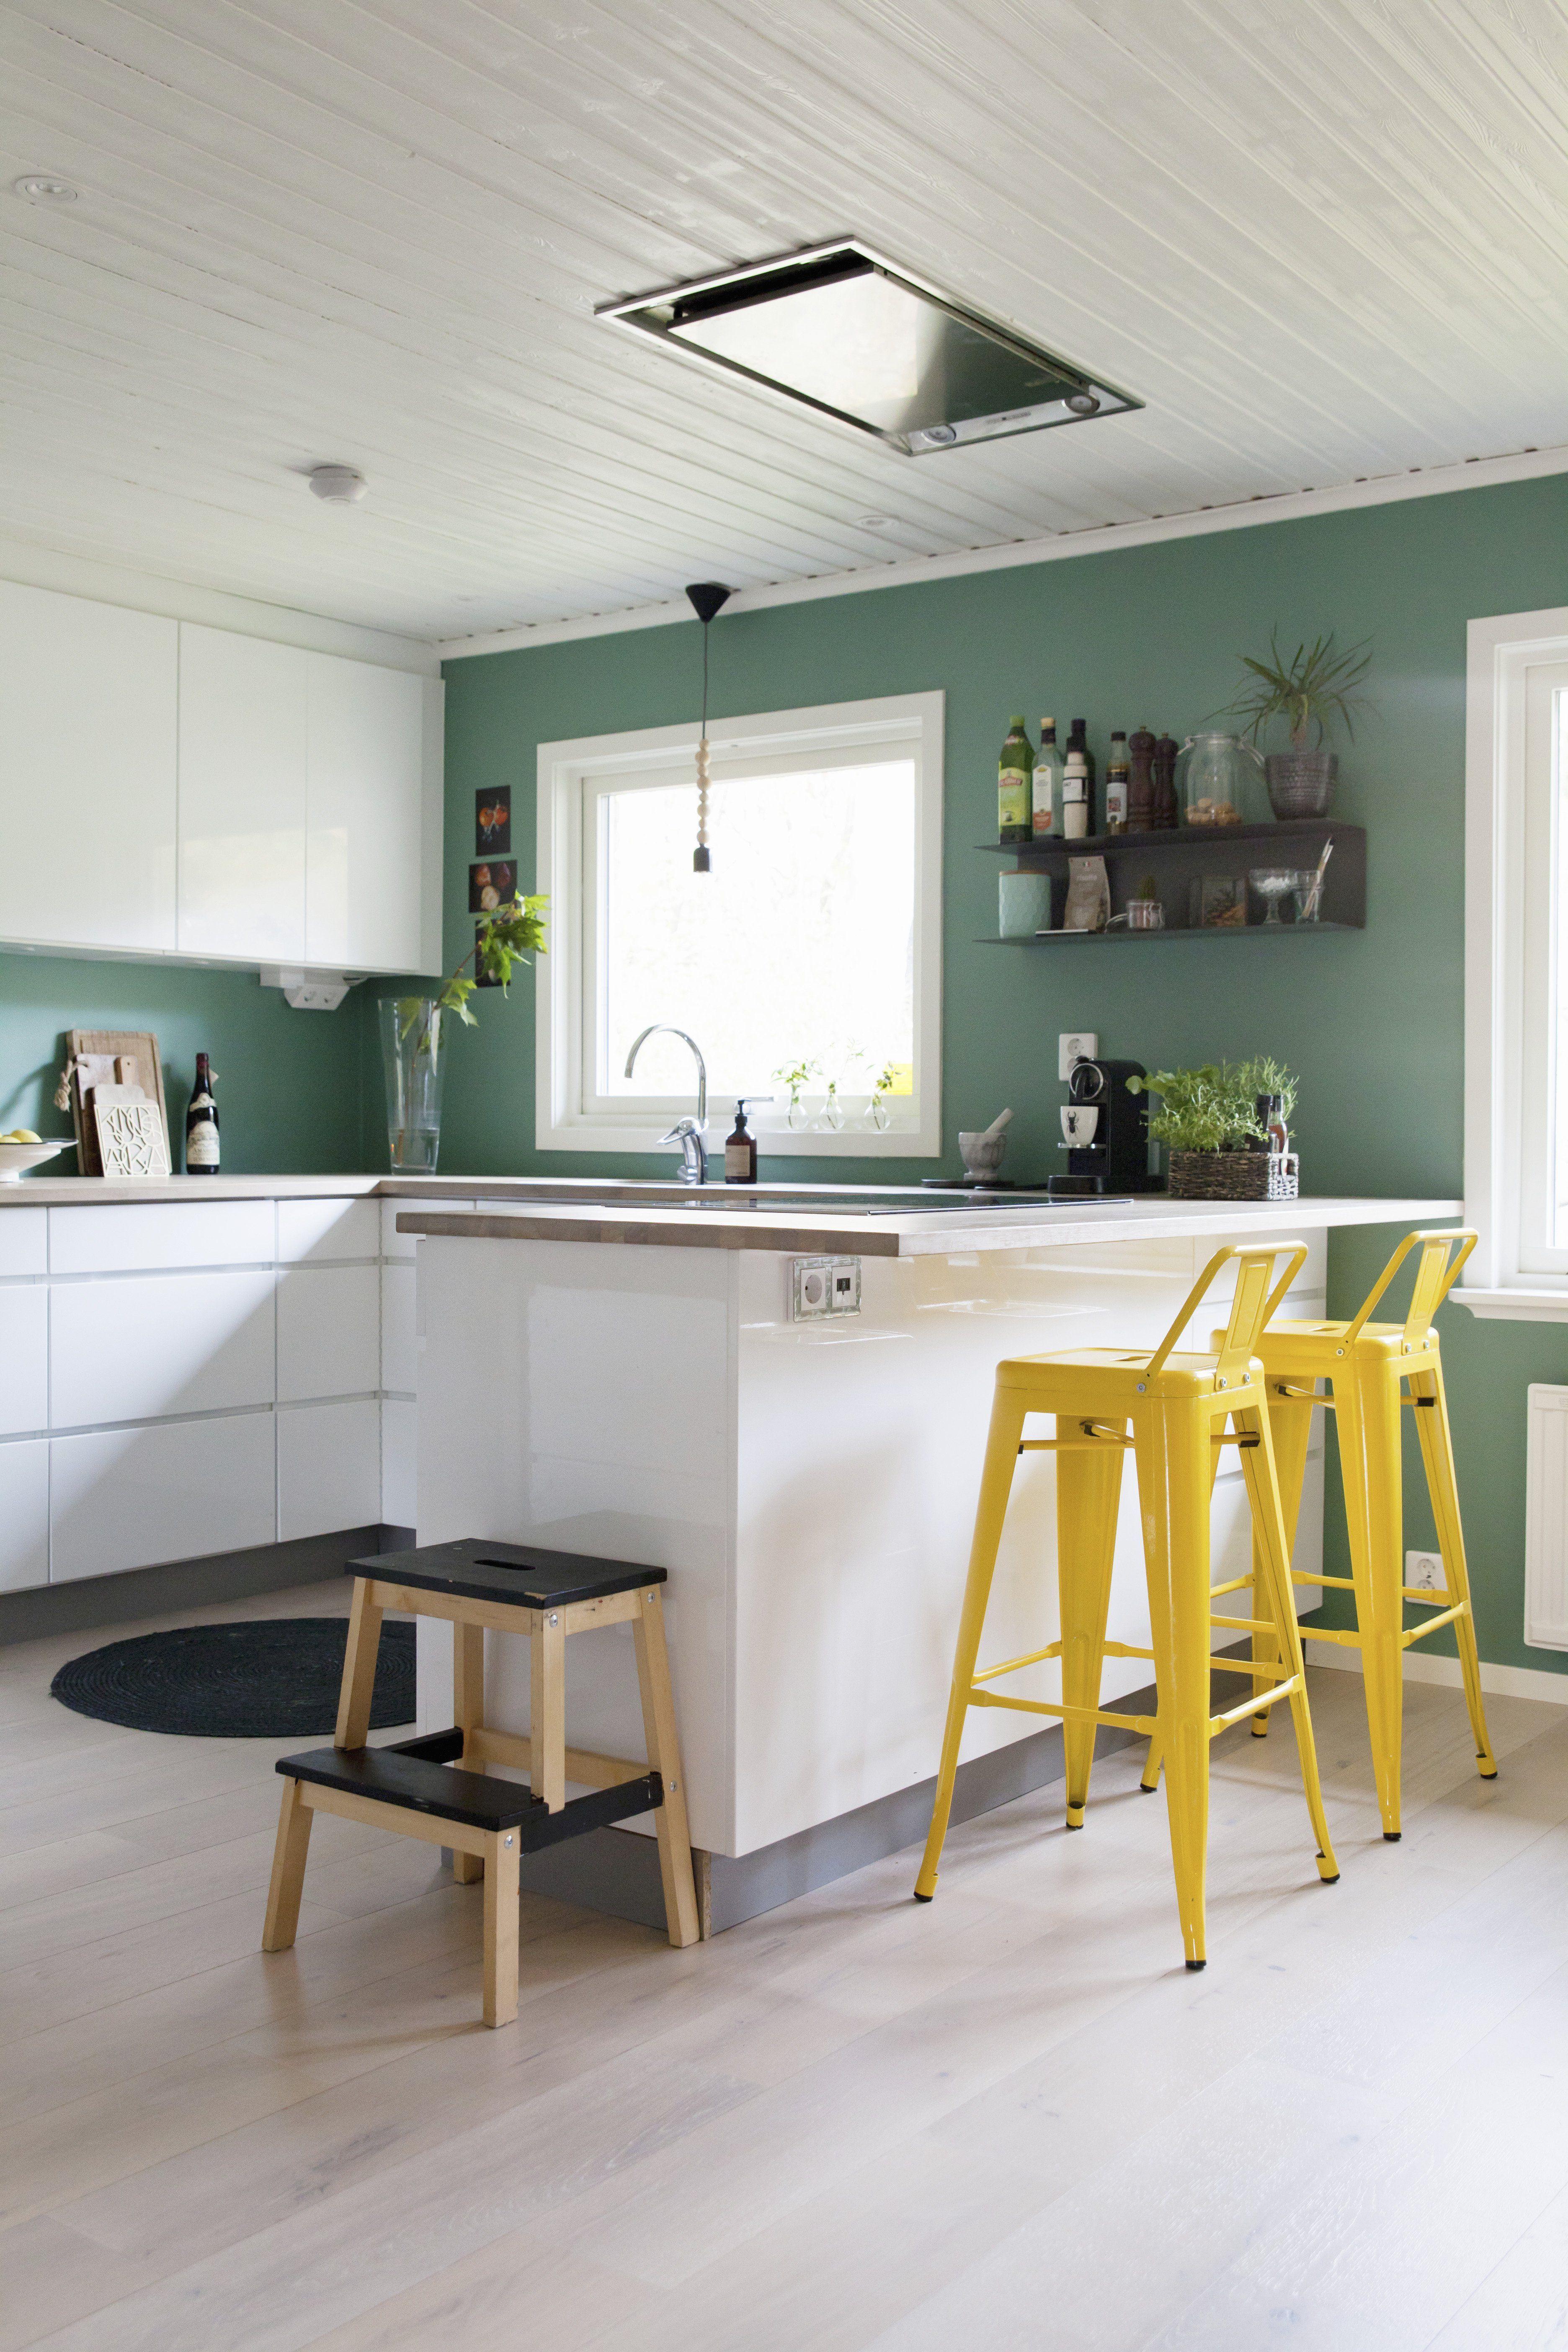 Wohnzimmer Petrolfarbe Die Trendfarbe Zum Einrichten Das Haus In 2020 Wandfarbe Kuche Kuchen Ideen Farbe Kuche Farbe